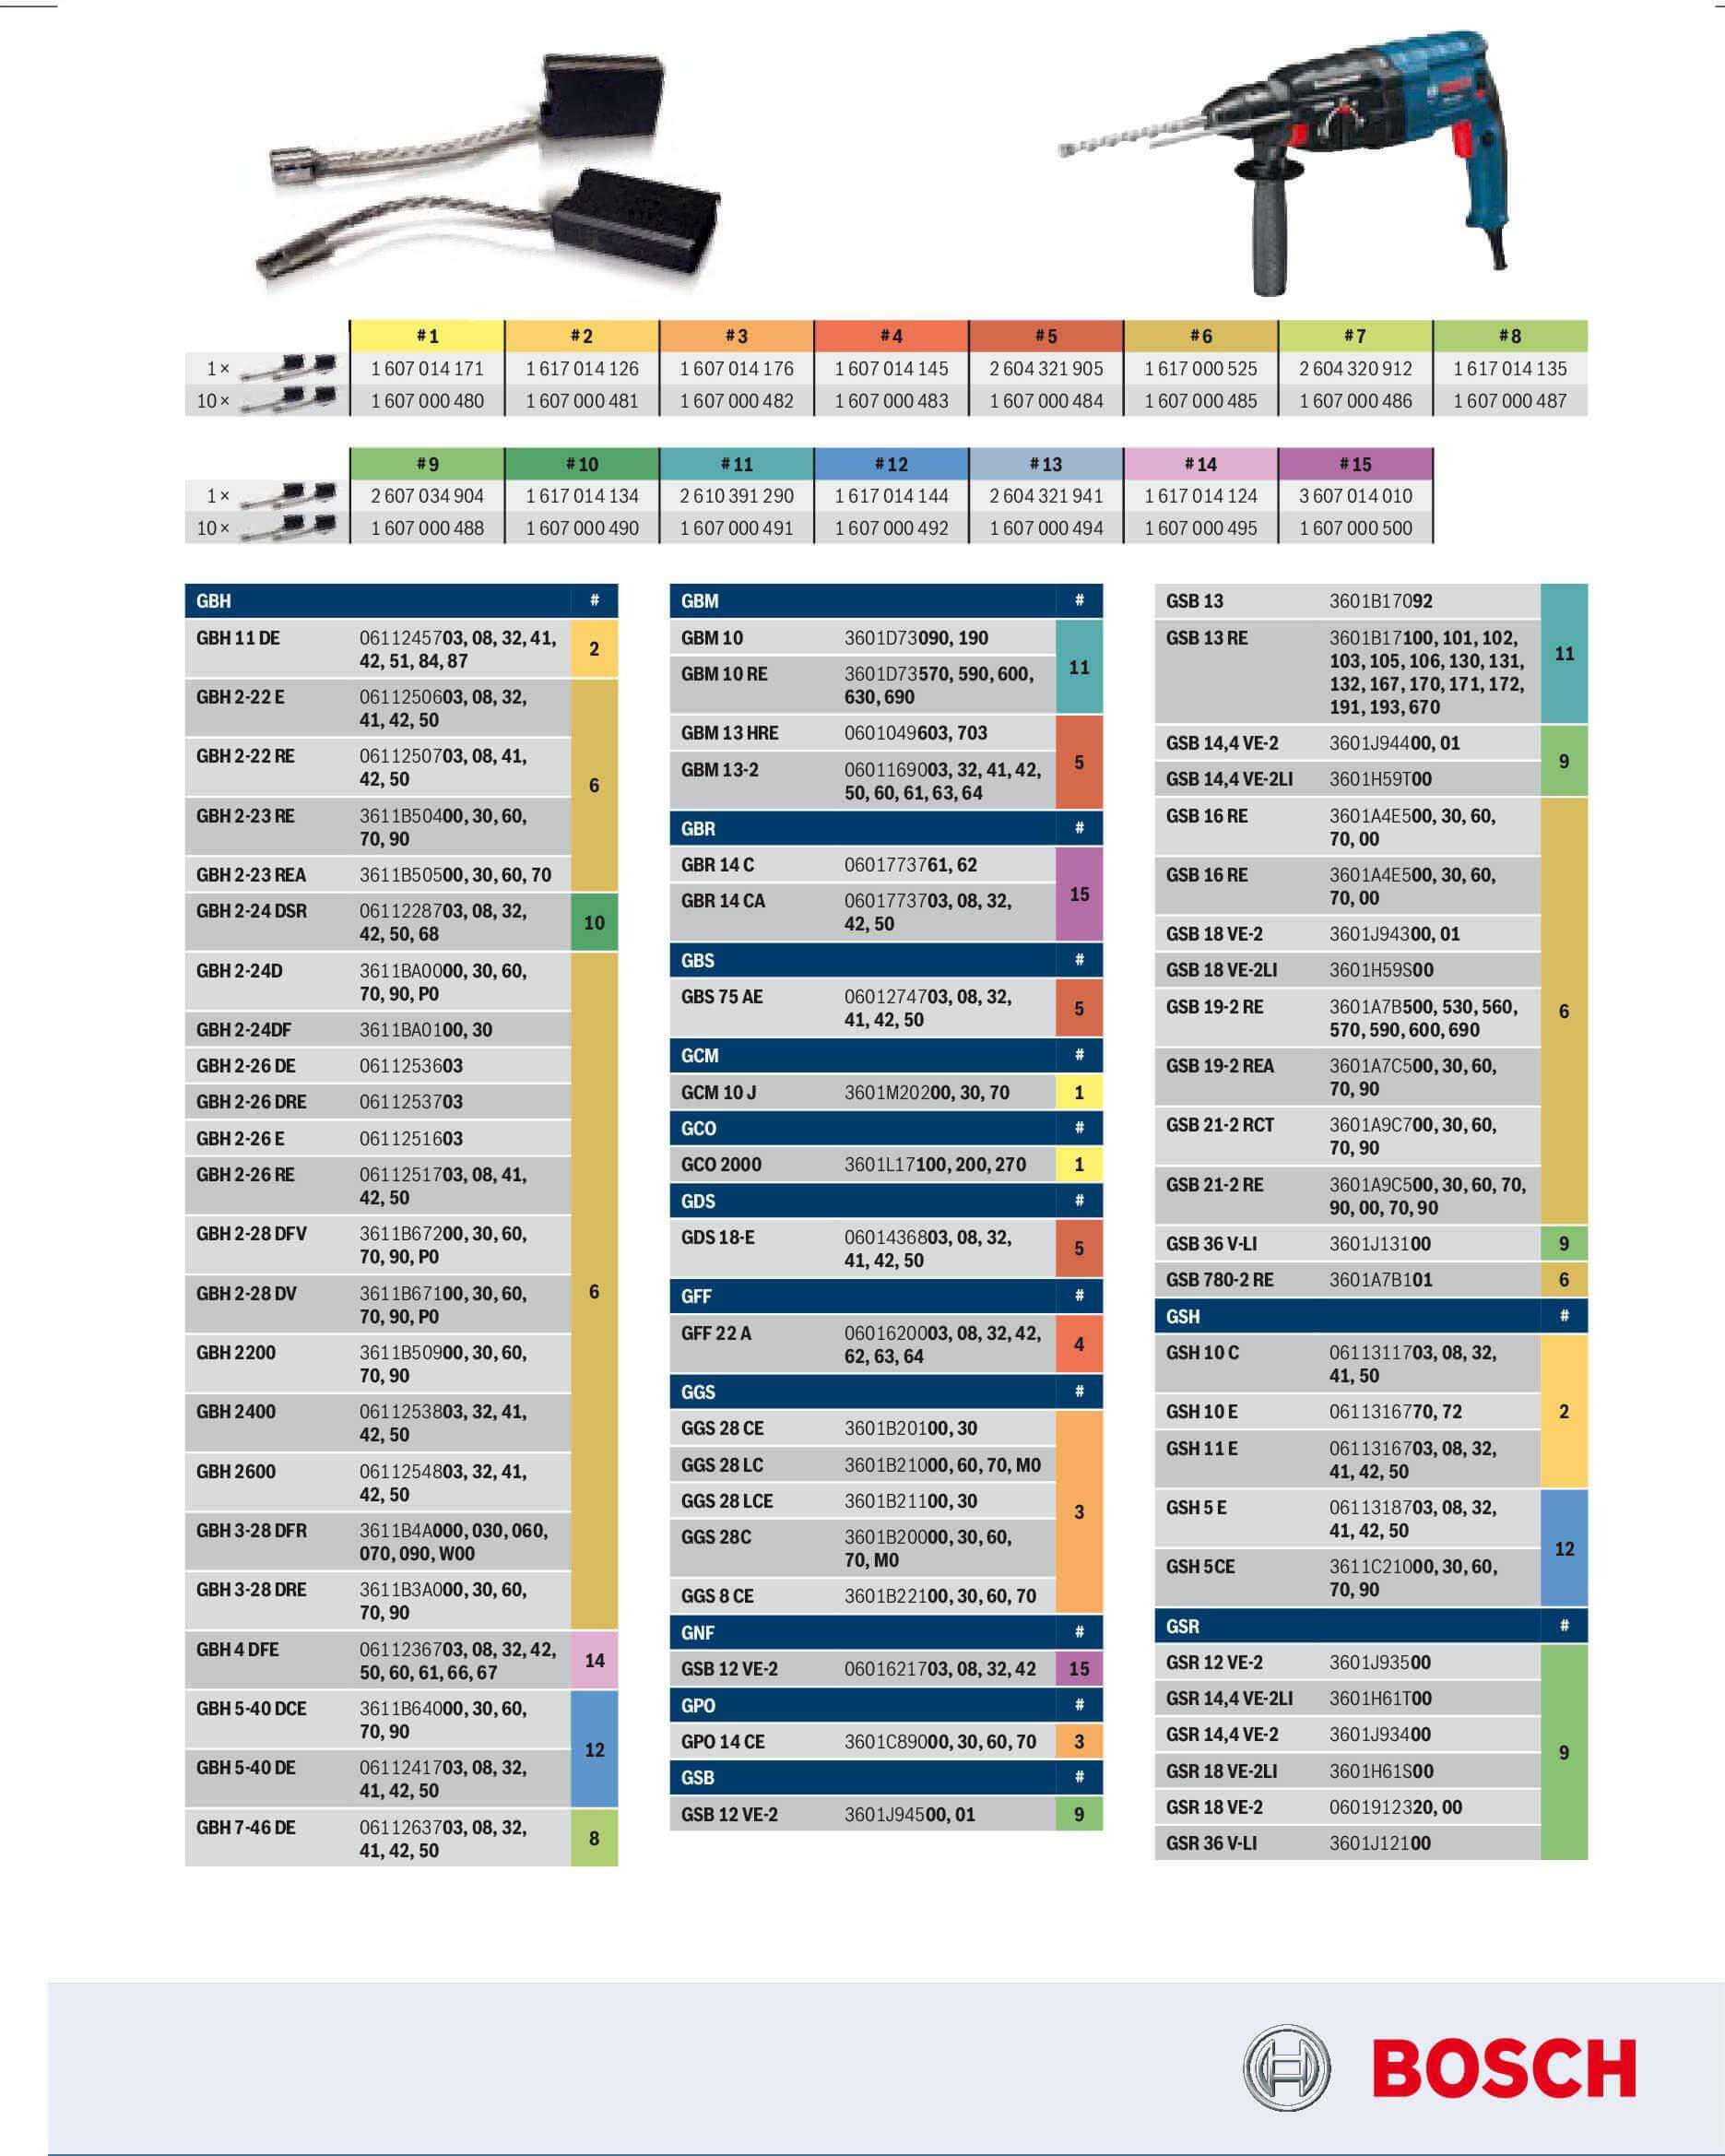 Таблица Bosch часть 2, виды электрических двигателей